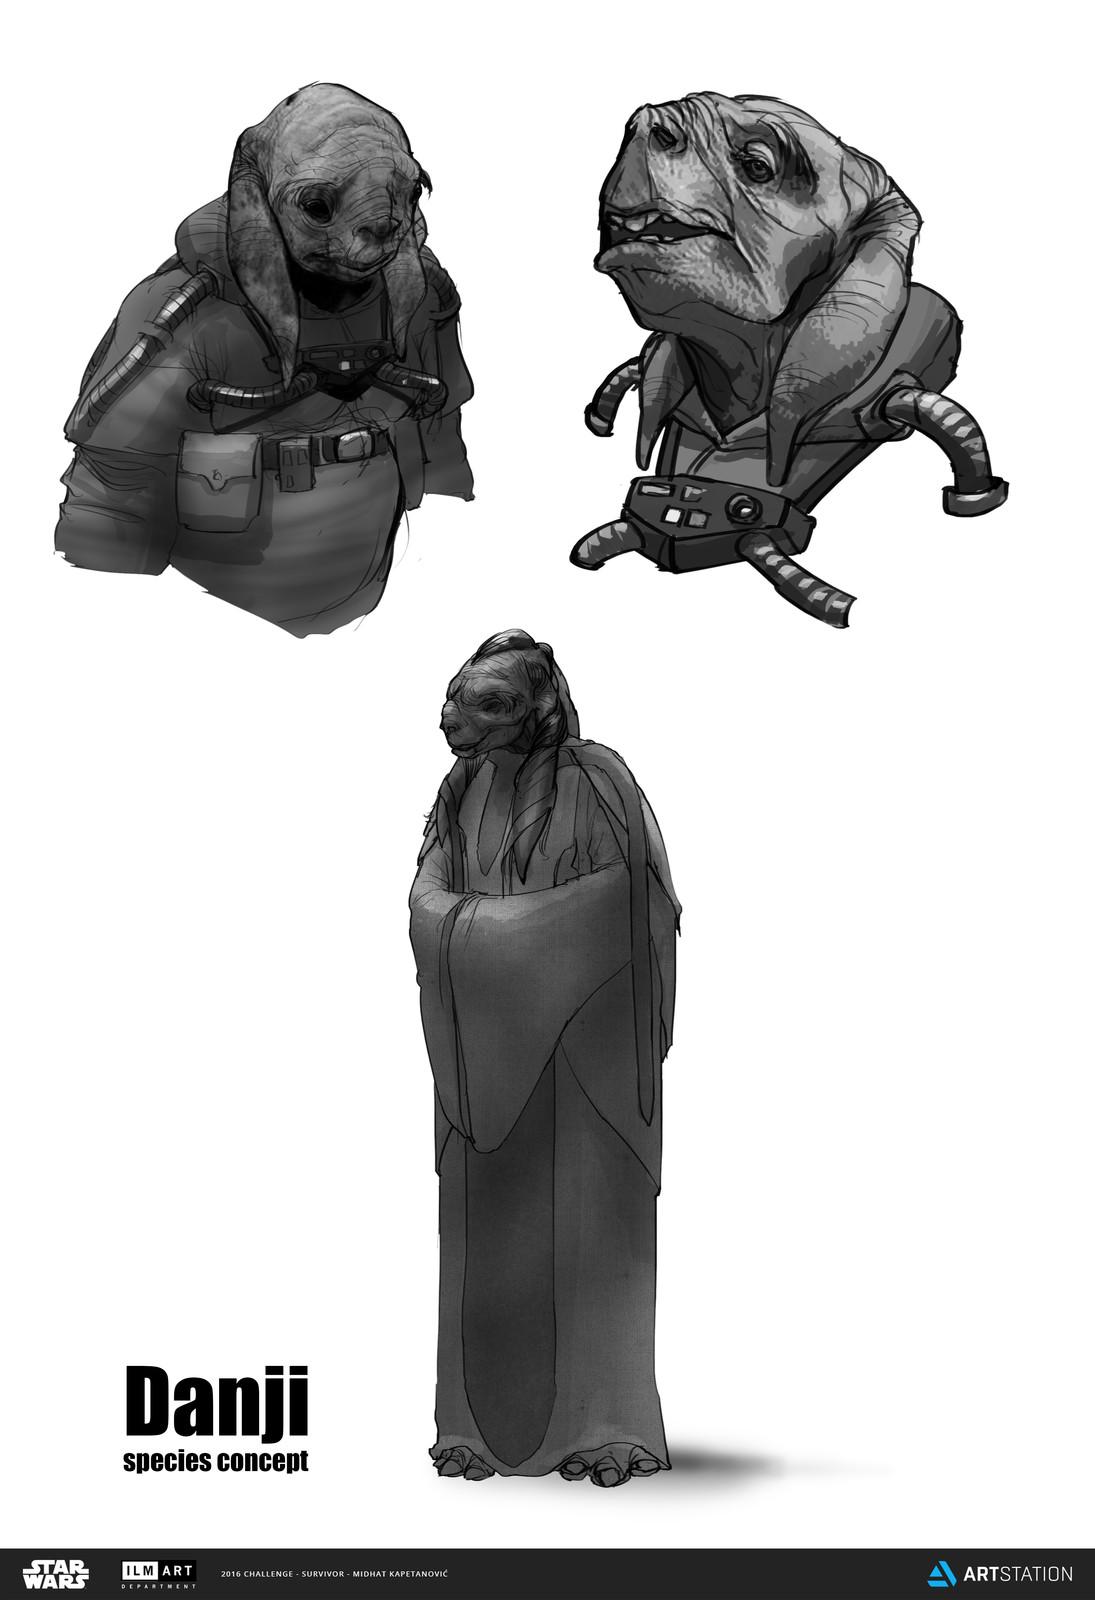 Danji species concept